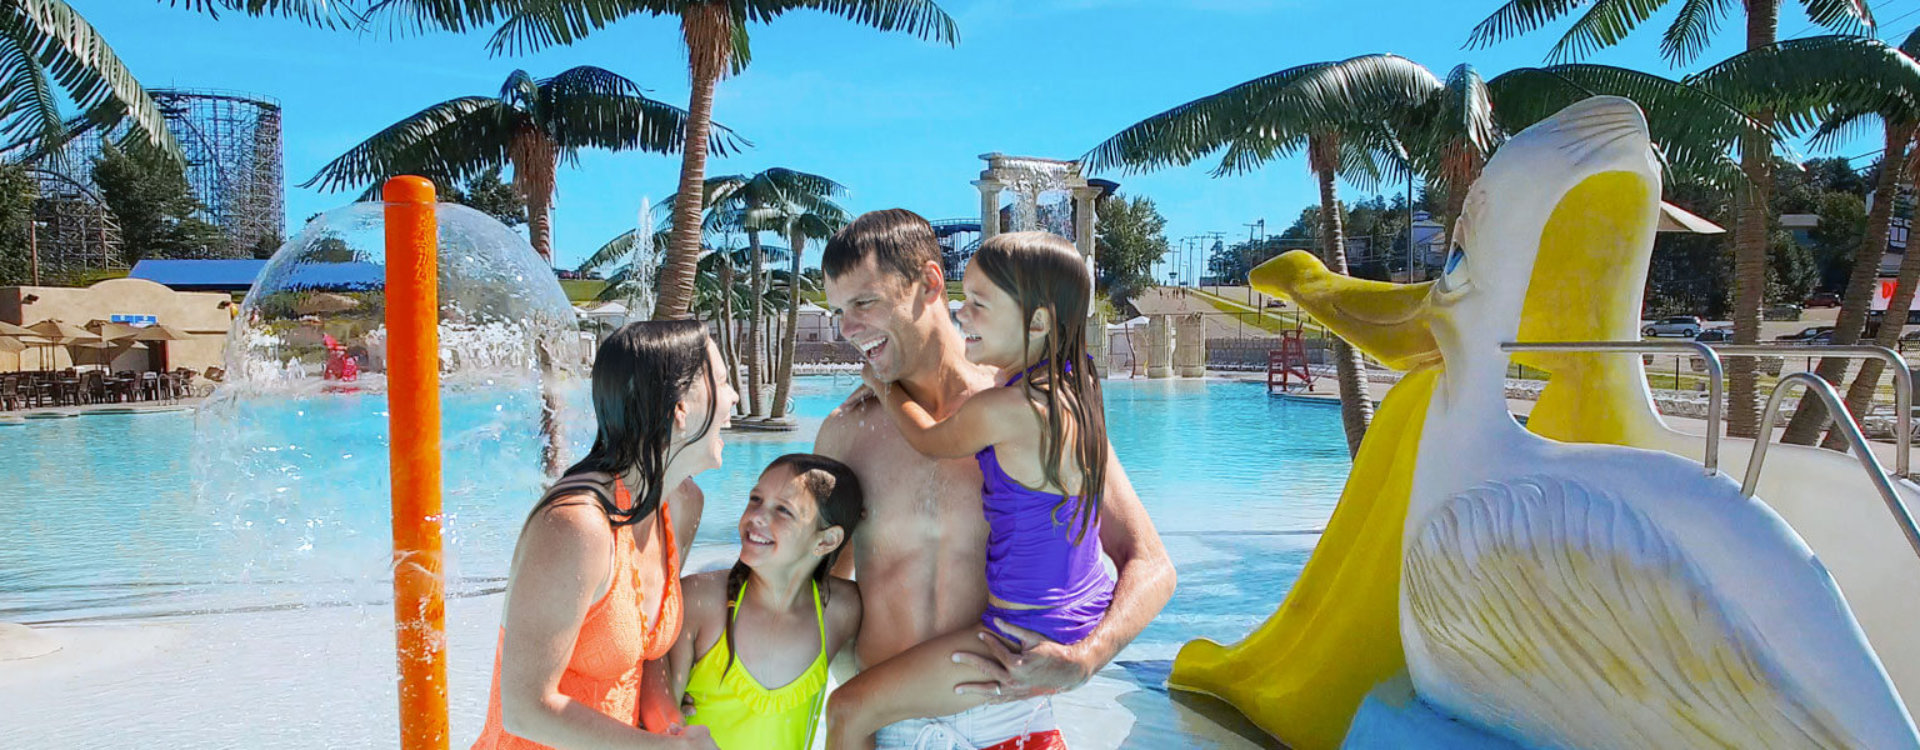 Resort Benefits